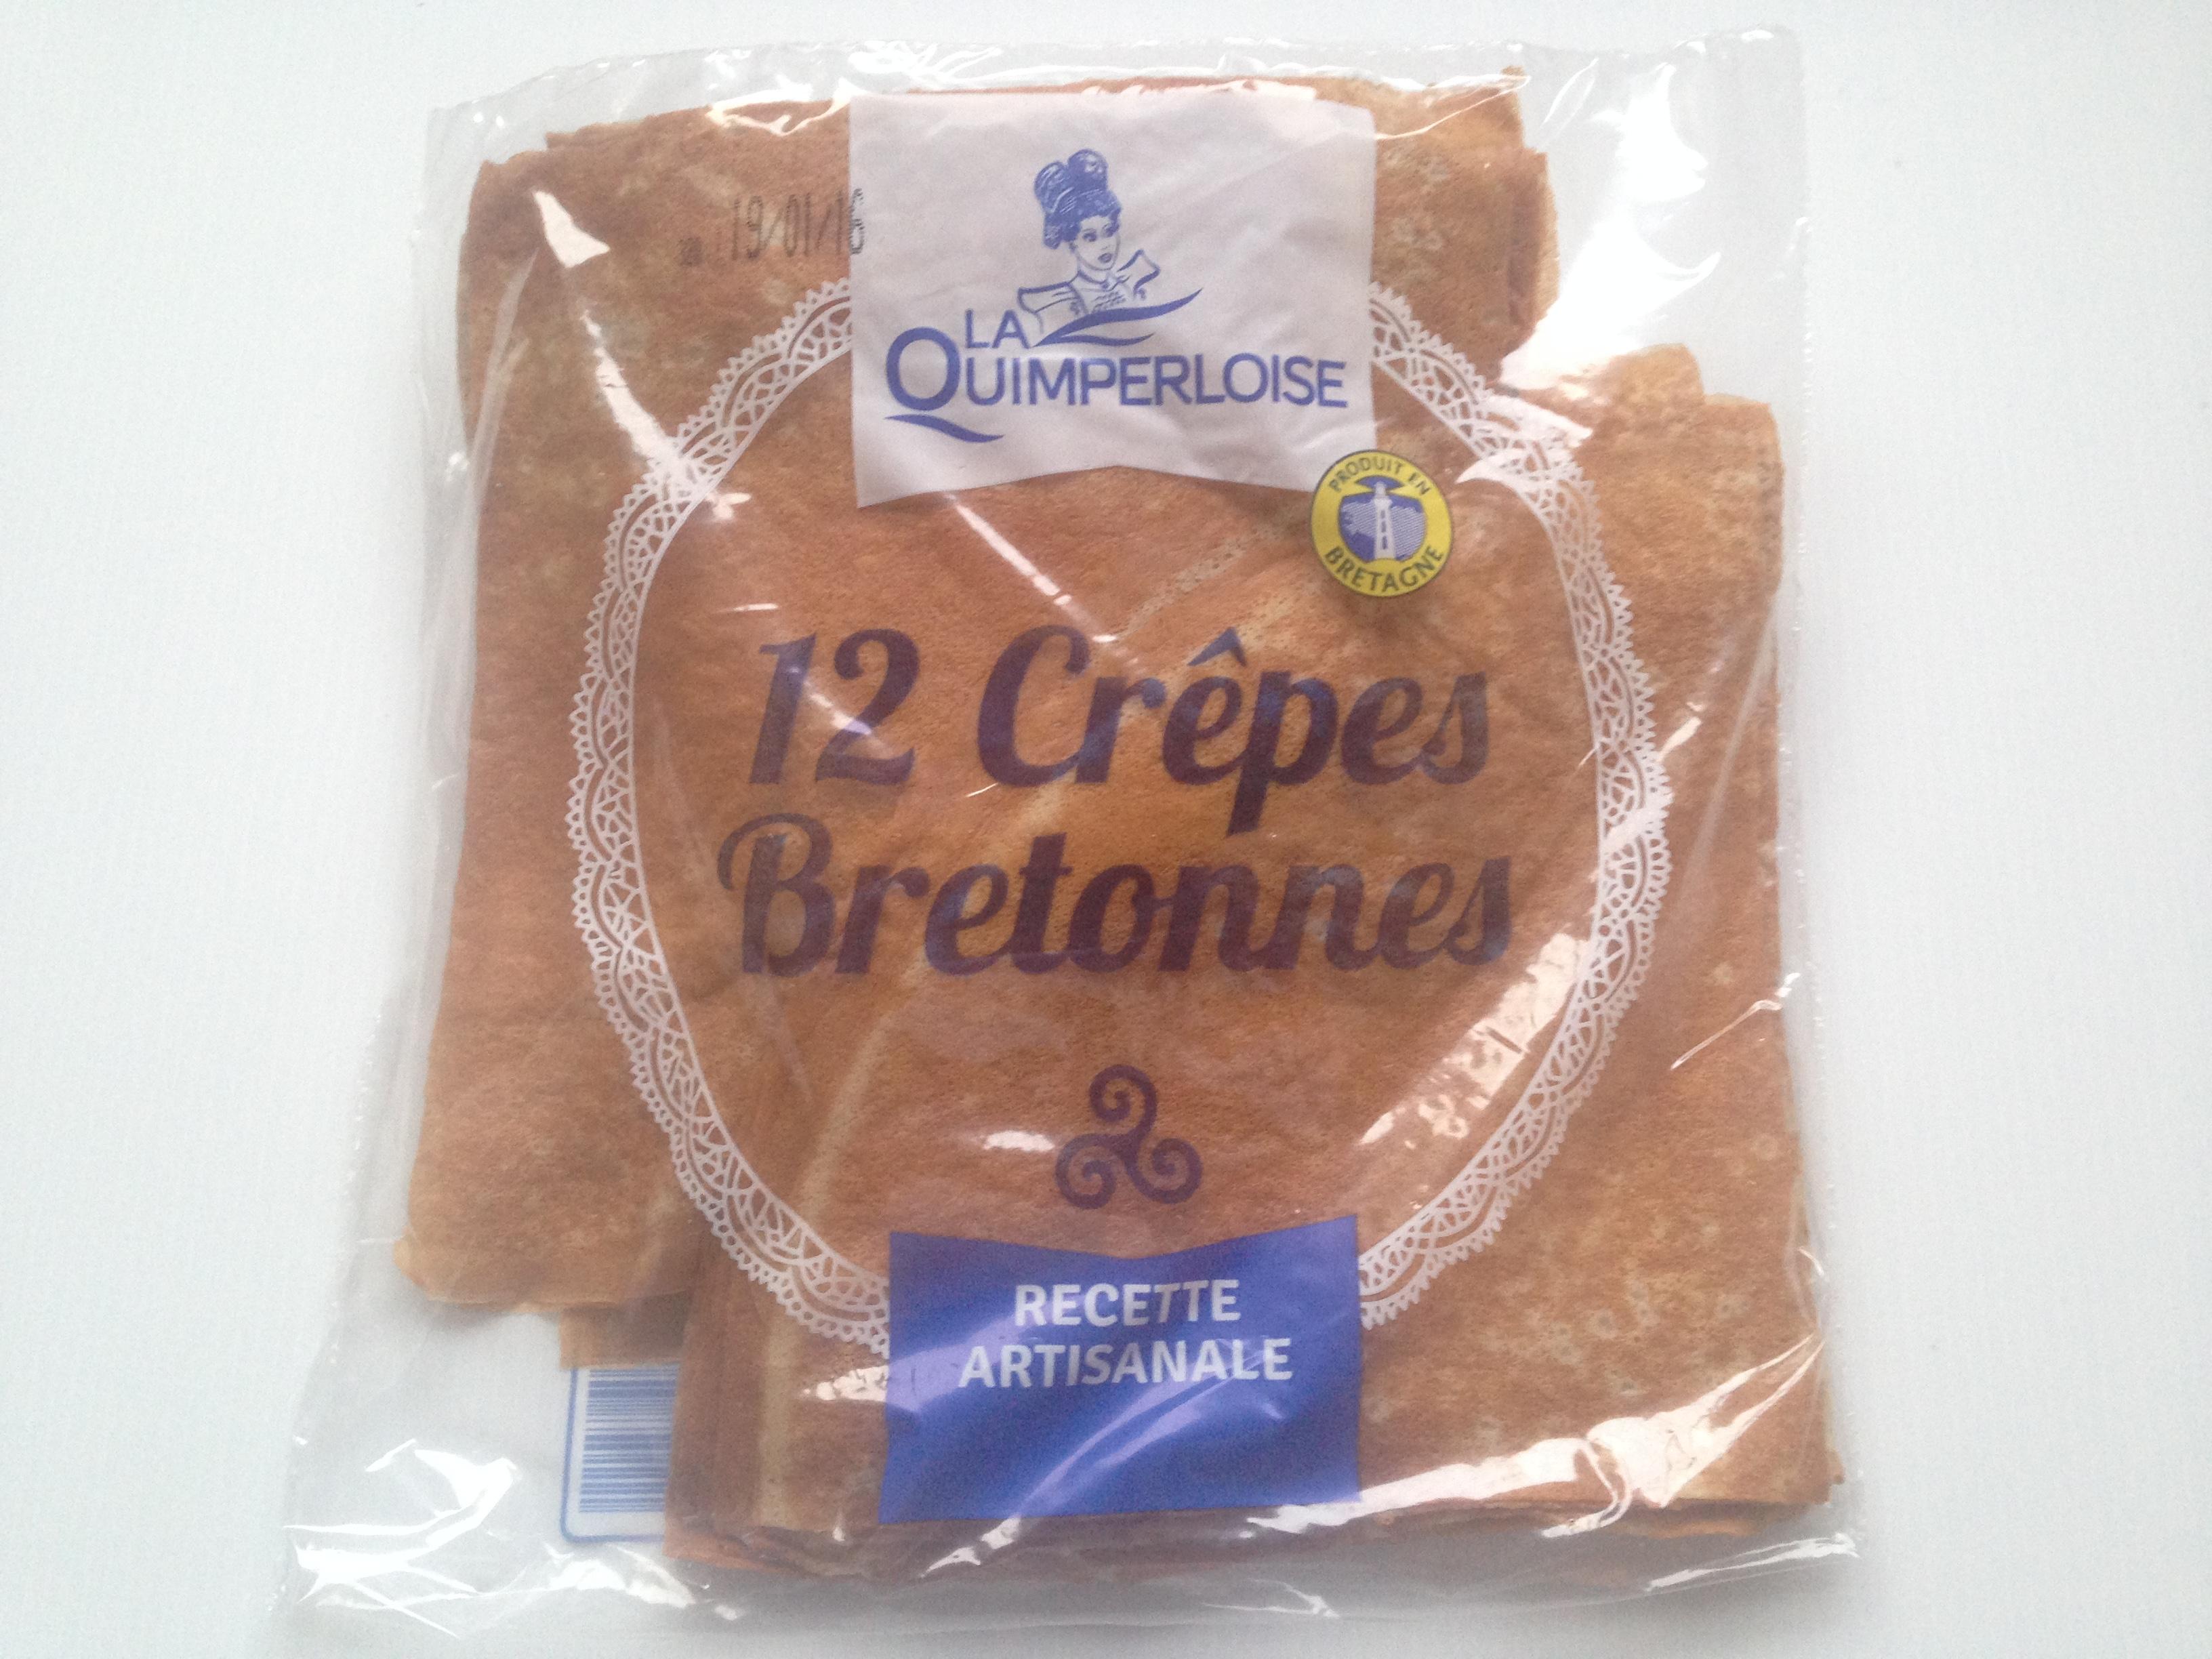 Crêpes Bretonne x 12 Image